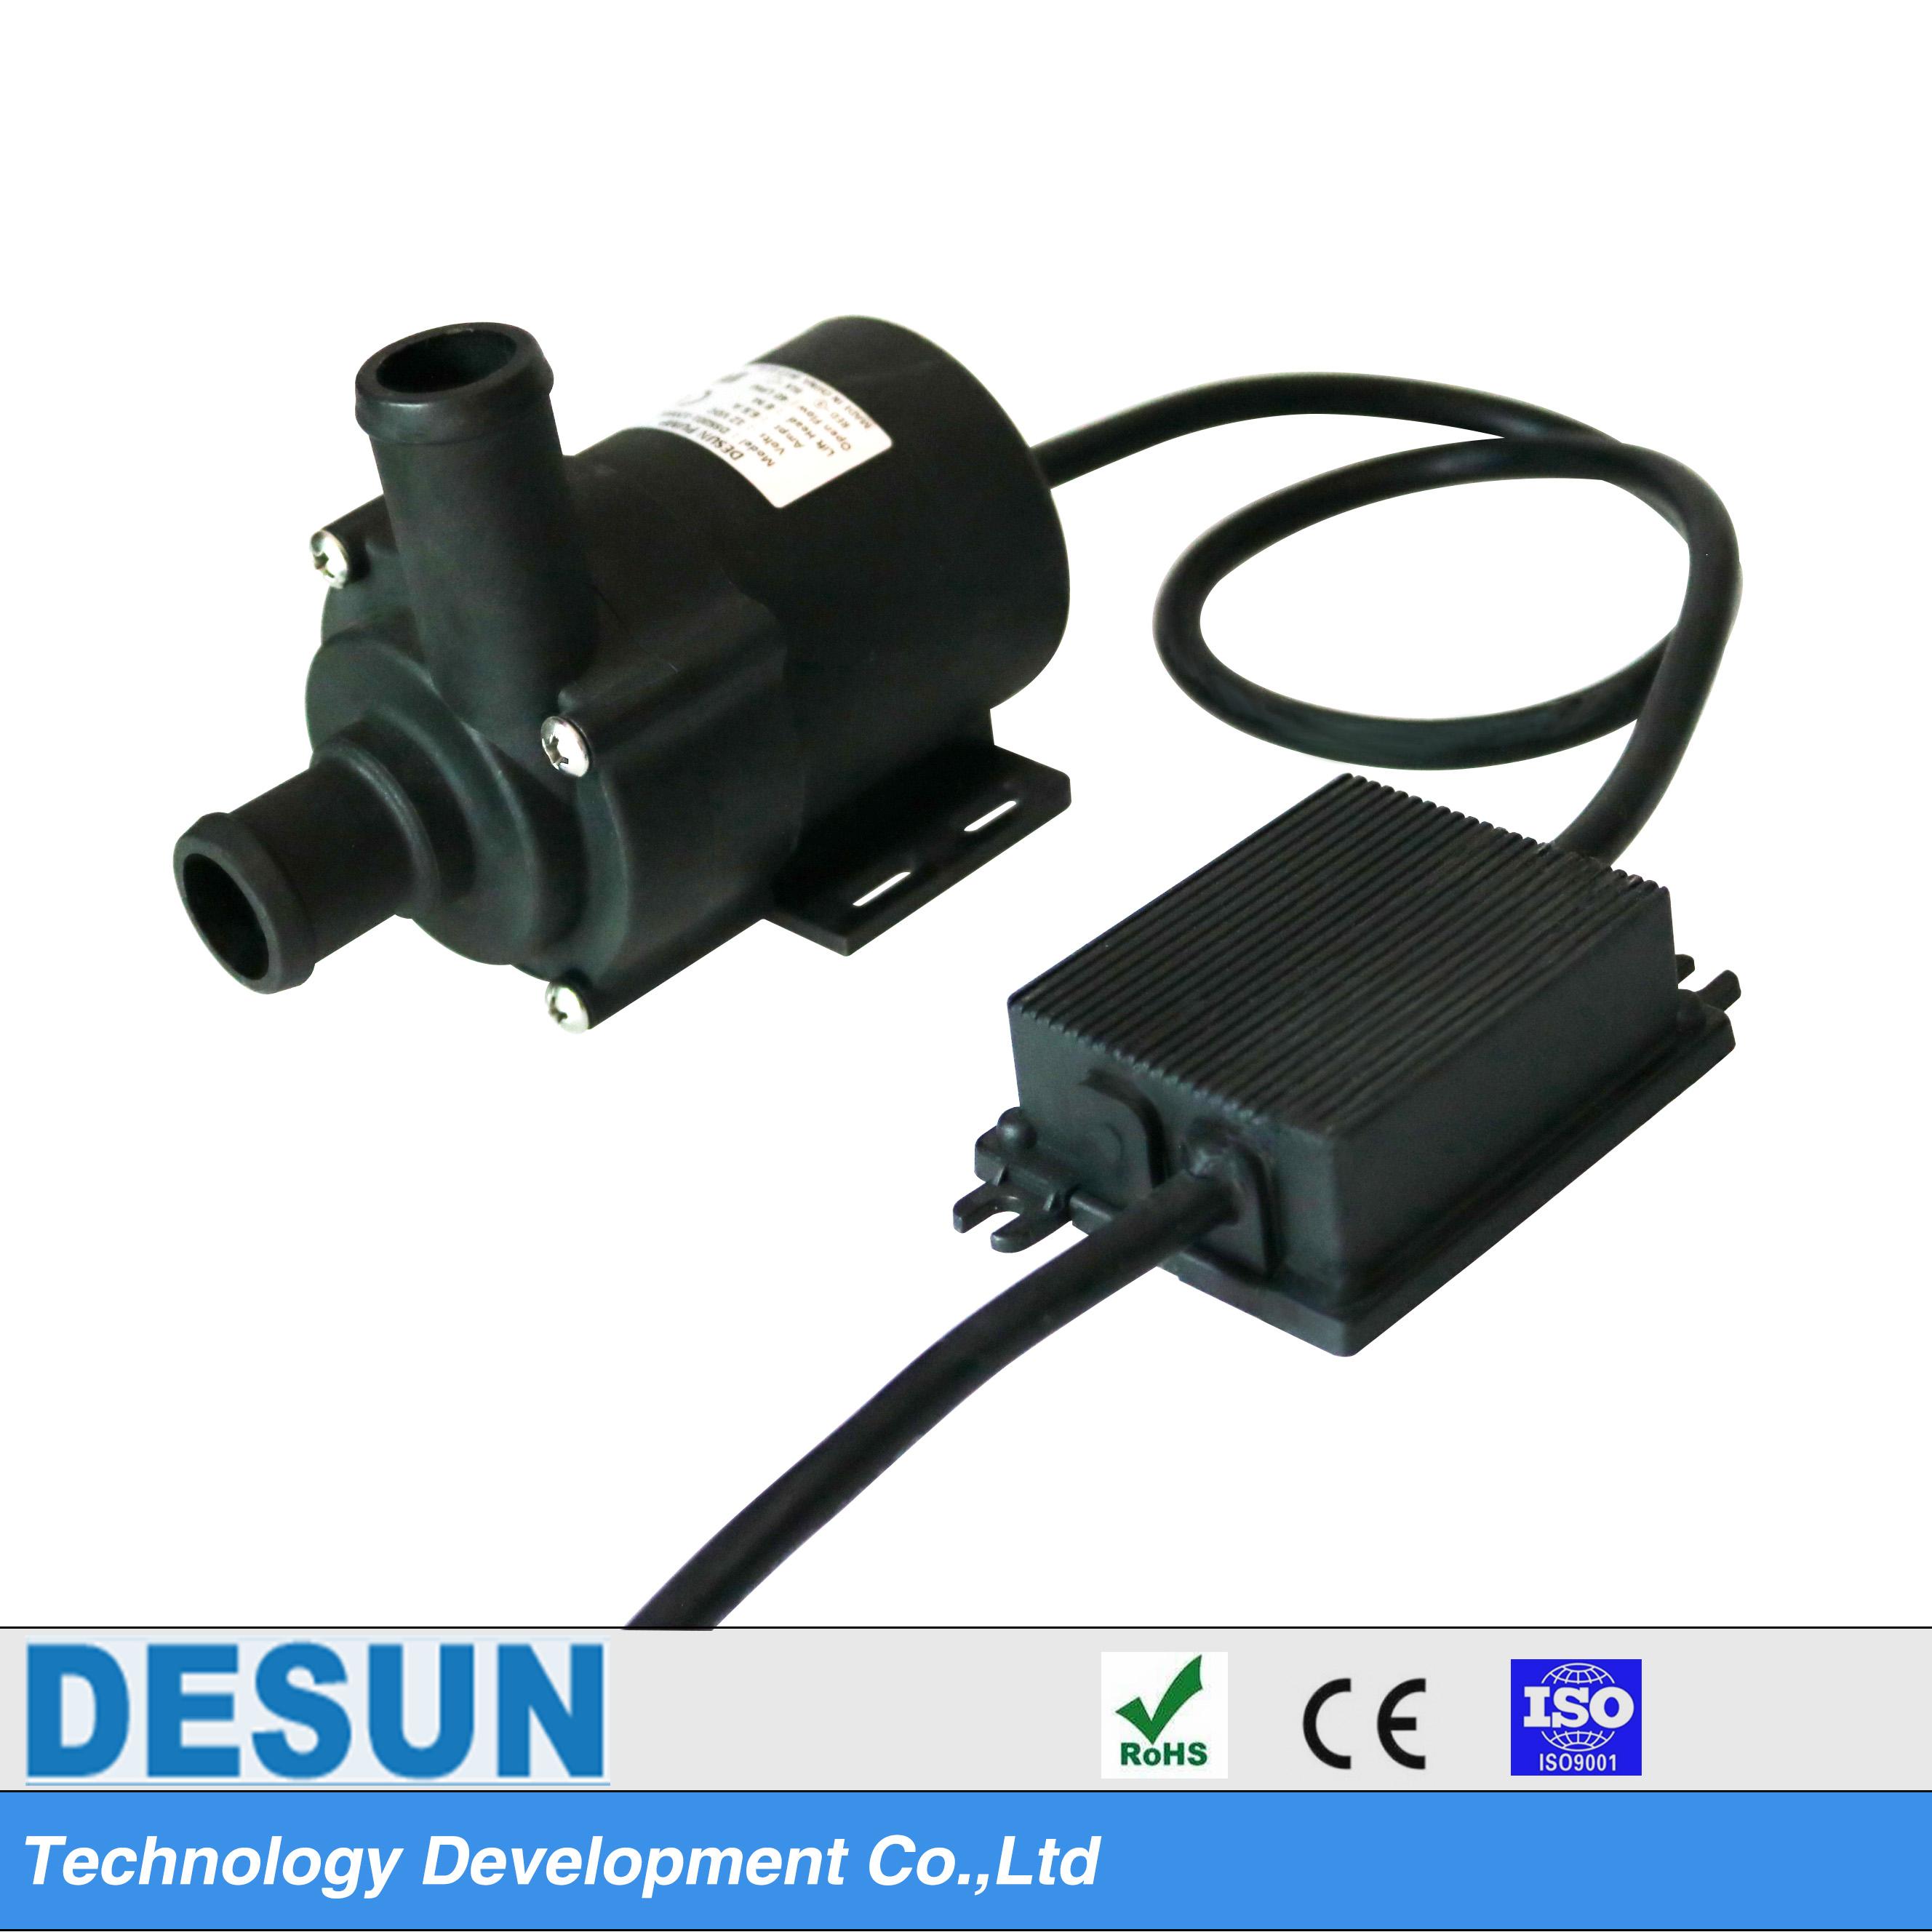 三相调速水循环微型水泵DS5001